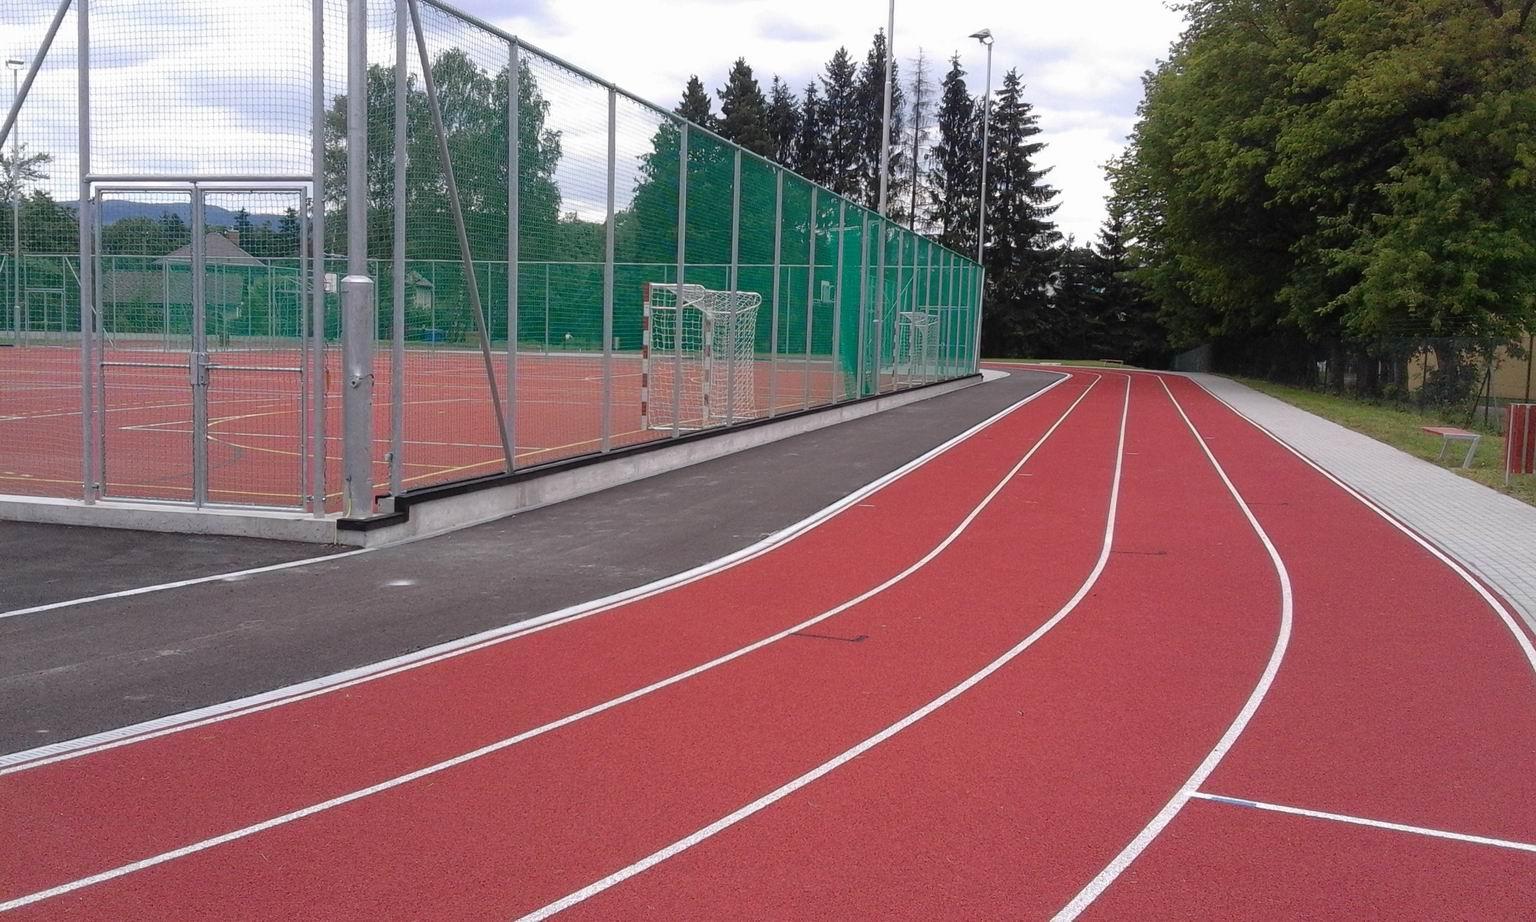 Atletické hřiště Dany Zátopkové bude při rezervaci částečně zpoplatněno